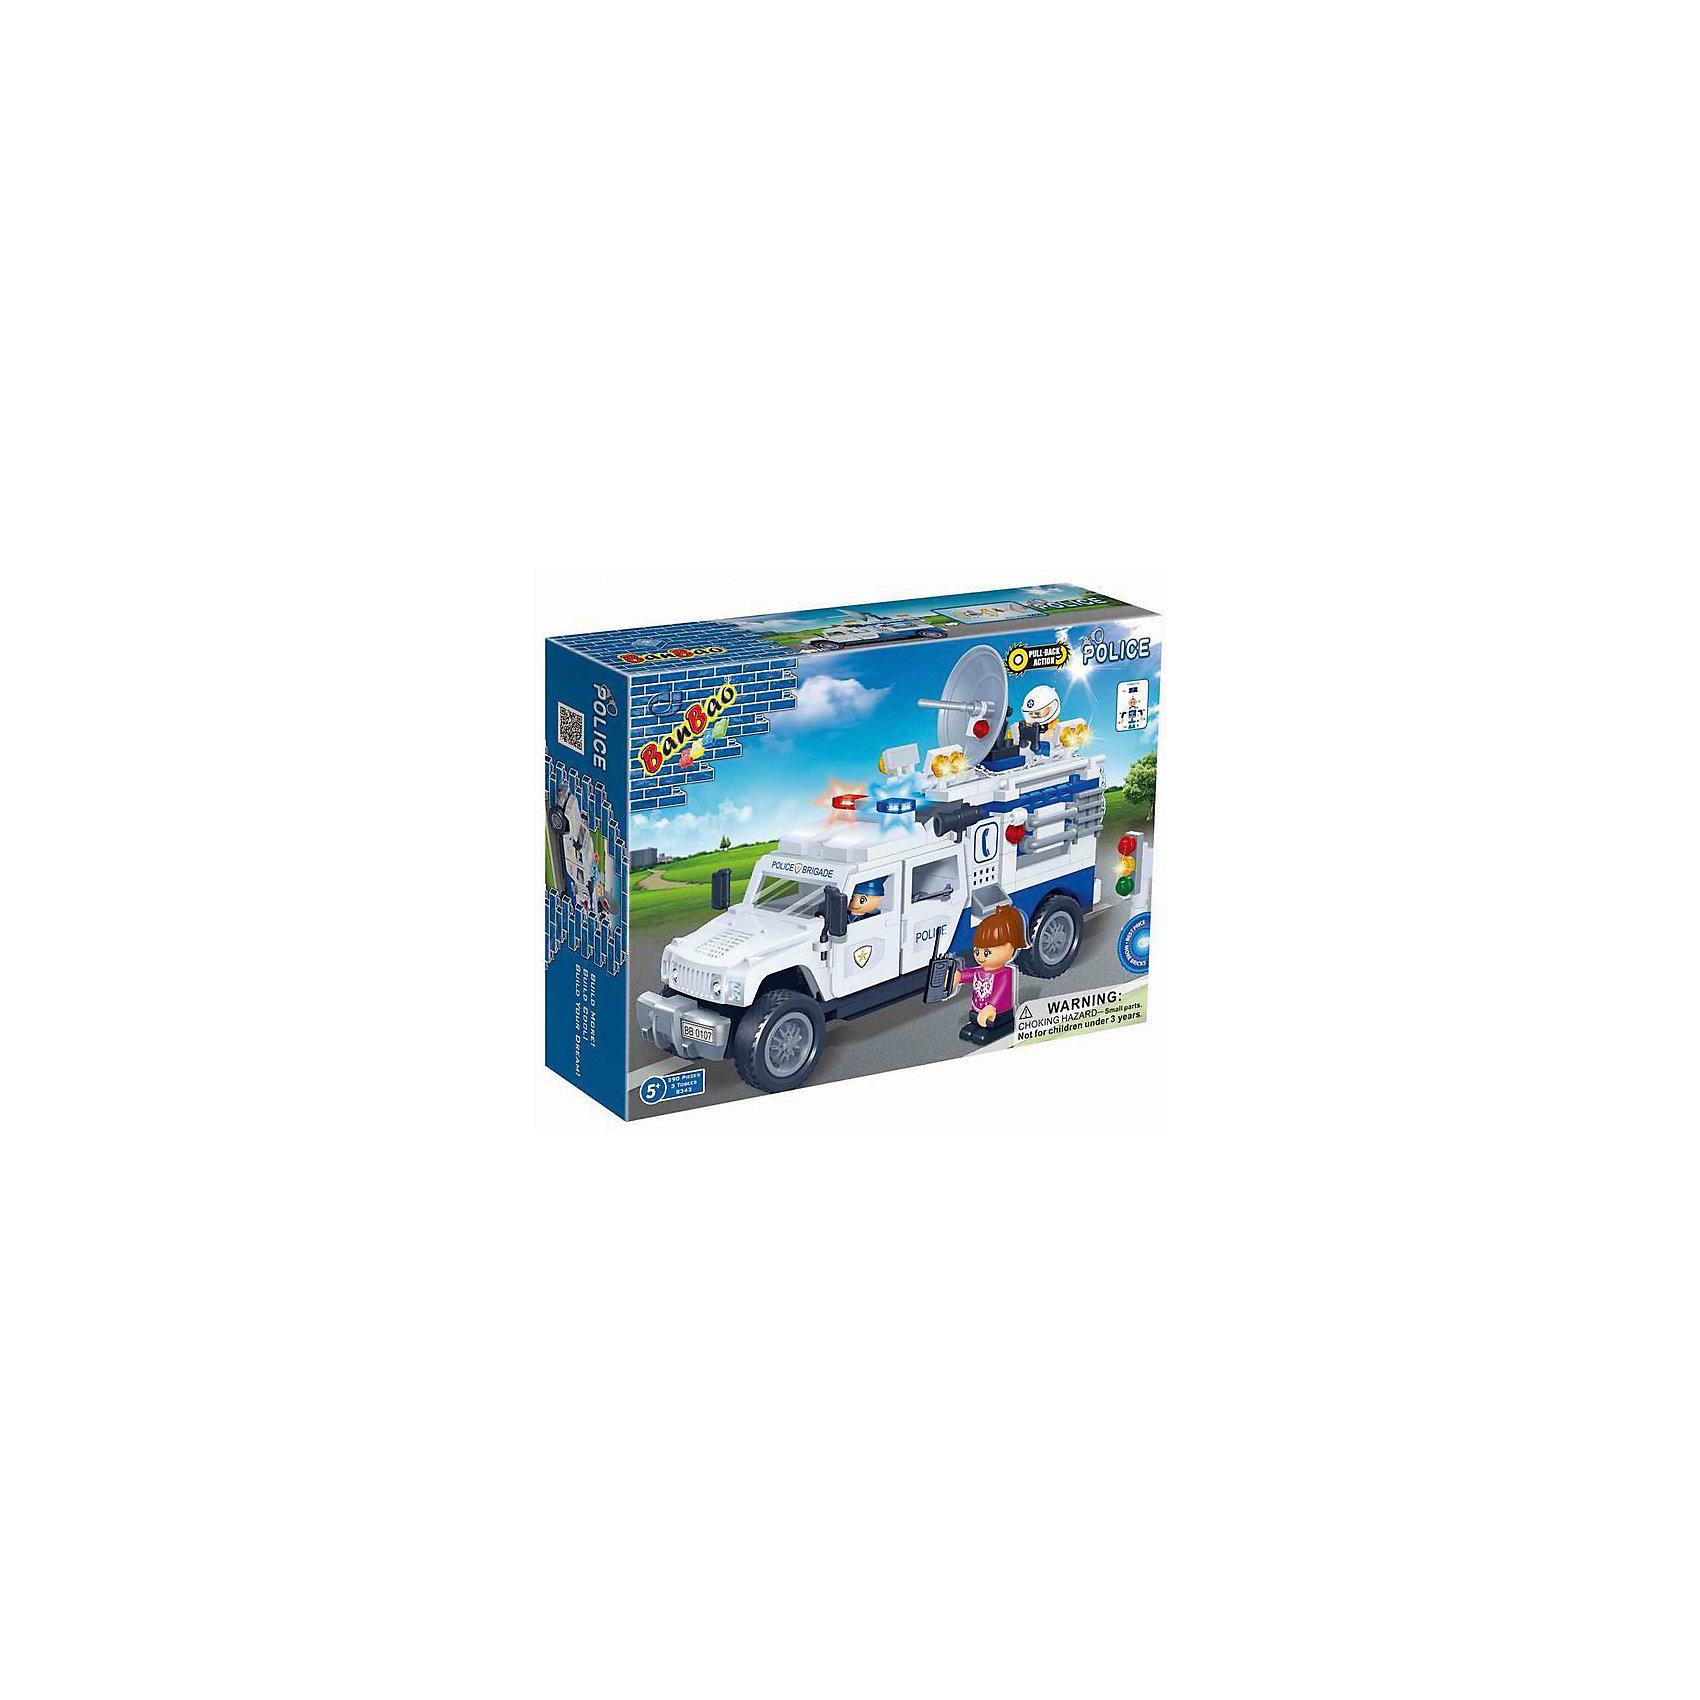 Конструктор Полицейский грузовик, BanBaoПластмассовые конструкторы<br>Этот конструктор обязательно понравится мальчикам. С помощью него можно собрать настоящий полицейский грузовик. Машина имеет отличную детализацию и реалистичный внешний вид, множество прекрасно проработанных деталей, которые открывают простор для всевозможных игр, развивающих воображение ребенка. Конструирование - увлекательный и полезный процесс, развивающий мелкую моторику, мышление и фантазию. Все детали конструктора выполнены из высококачественного экологичного пластика, имеют идеально гладкую поверхность и прочно крепятся друг к другу. Прекрасный вариант для подарка на любой праздник.<br><br>Дополнительная информация:<br><br>- Конструктор развивает усидчивость, внимание, фантазию и мелкую моторику.<br>- Материал: пластик.<br>- Комплектация: 3 фигурки, детали конструктора.<br>- Лопасти и винты вертолета подвижные. <br>- Кабина открывается. <br>- Количество деталей: 290<br>- Размер упаковки: 24 x 33 x 7,2 см.<br>- Вес: 610 гр.<br><br>Конструктор Полицейский грузовик, BanBao (БанБао), можно купить в нашем магазине.<br><br>Ширина мм: 330<br>Глубина мм: 240<br>Высота мм: 70<br>Вес г: 613<br>Возраст от месяцев: 60<br>Возраст до месяцев: 144<br>Пол: Мужской<br>Возраст: Детский<br>SKU: 4411855